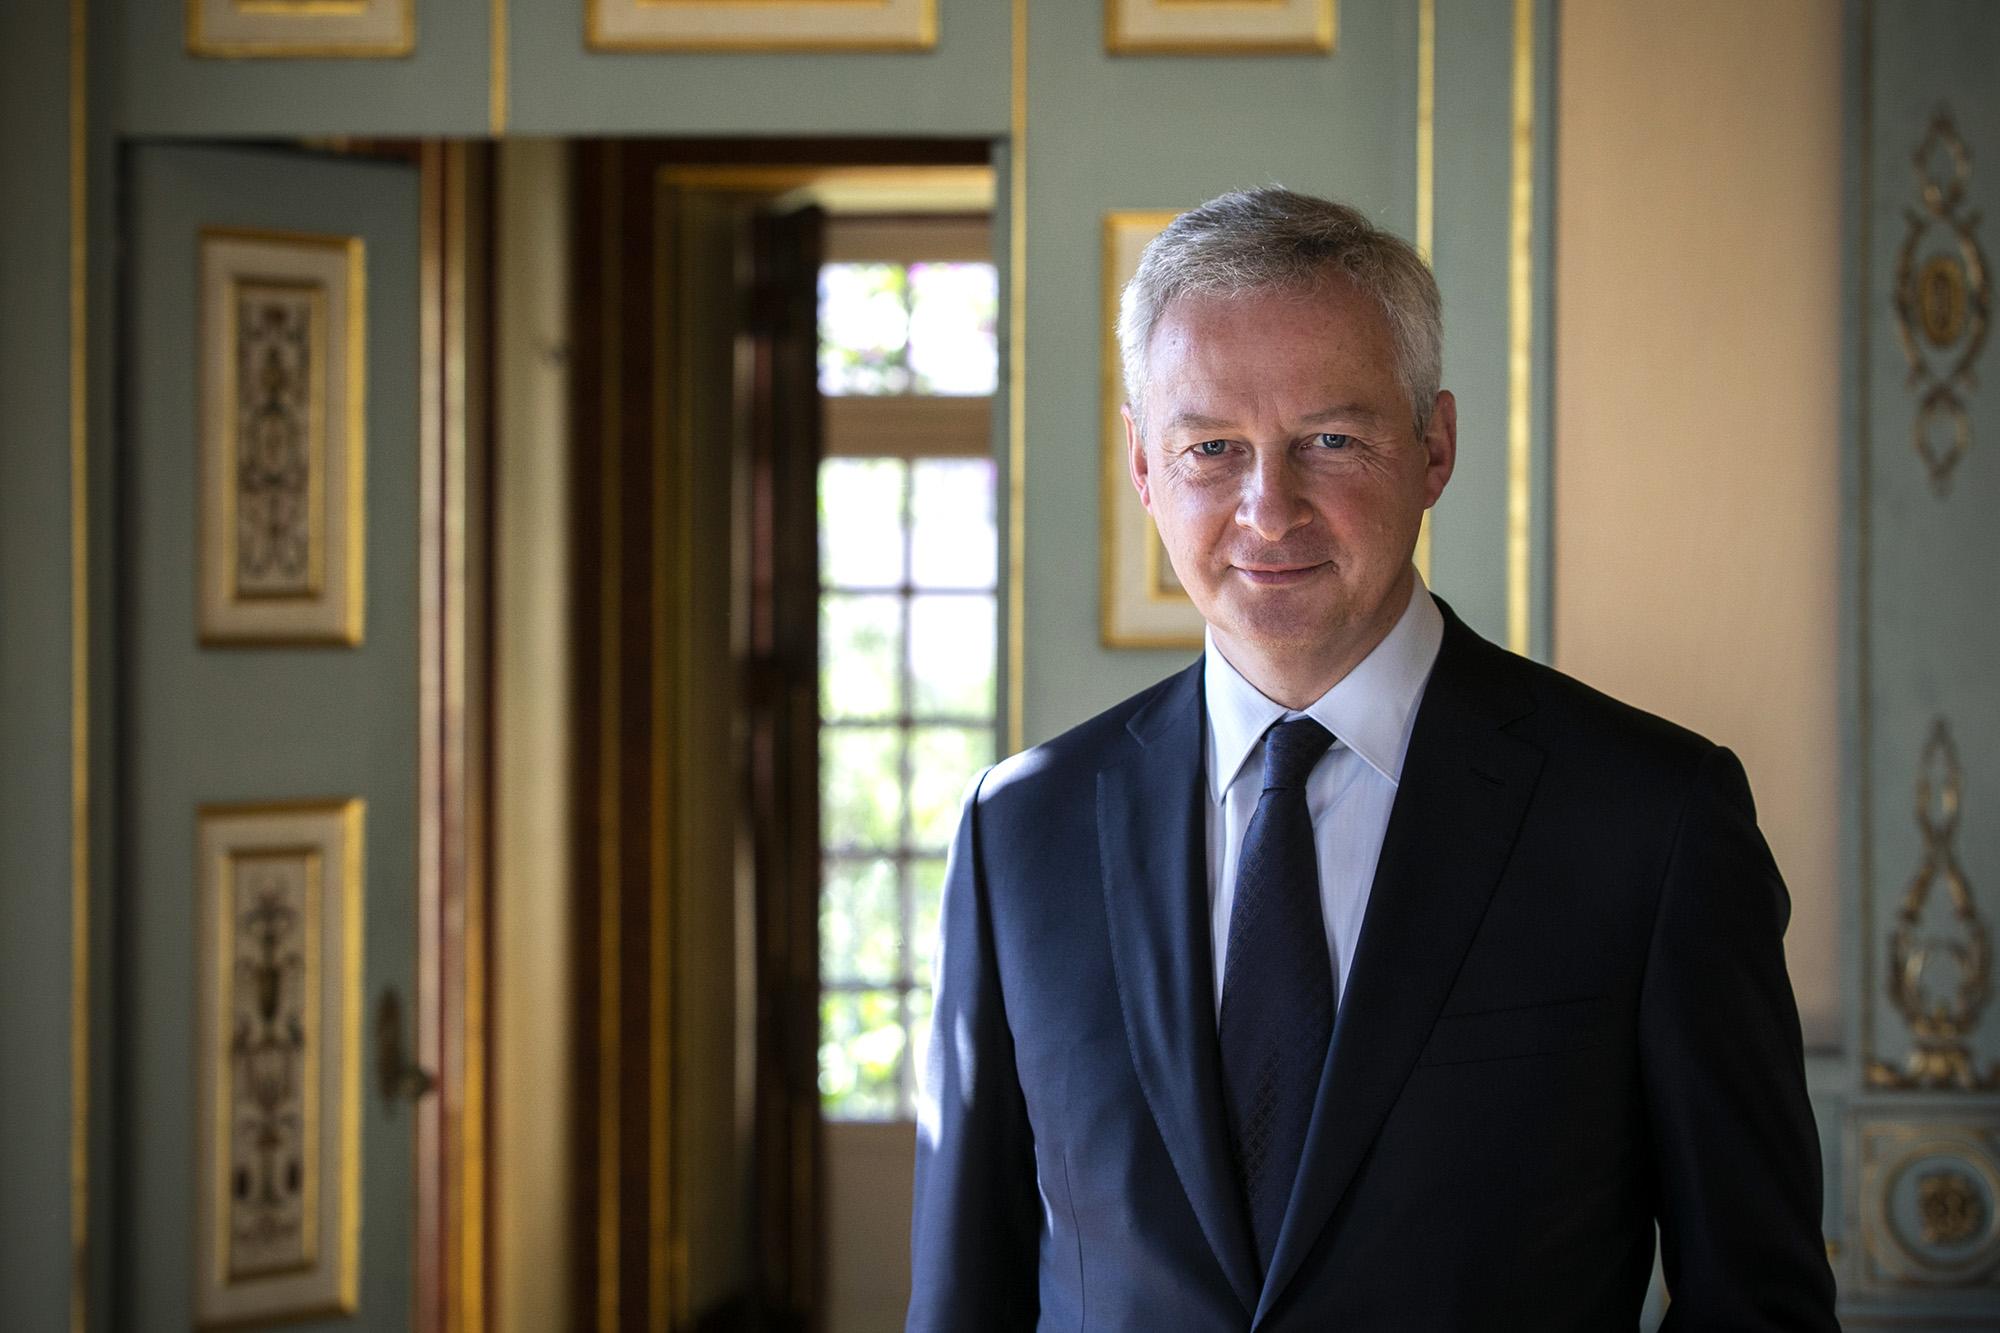 Bruno Le Maire, Ministro das Finanças de França, em conversa informal com os jornalistas - 03DEZ20